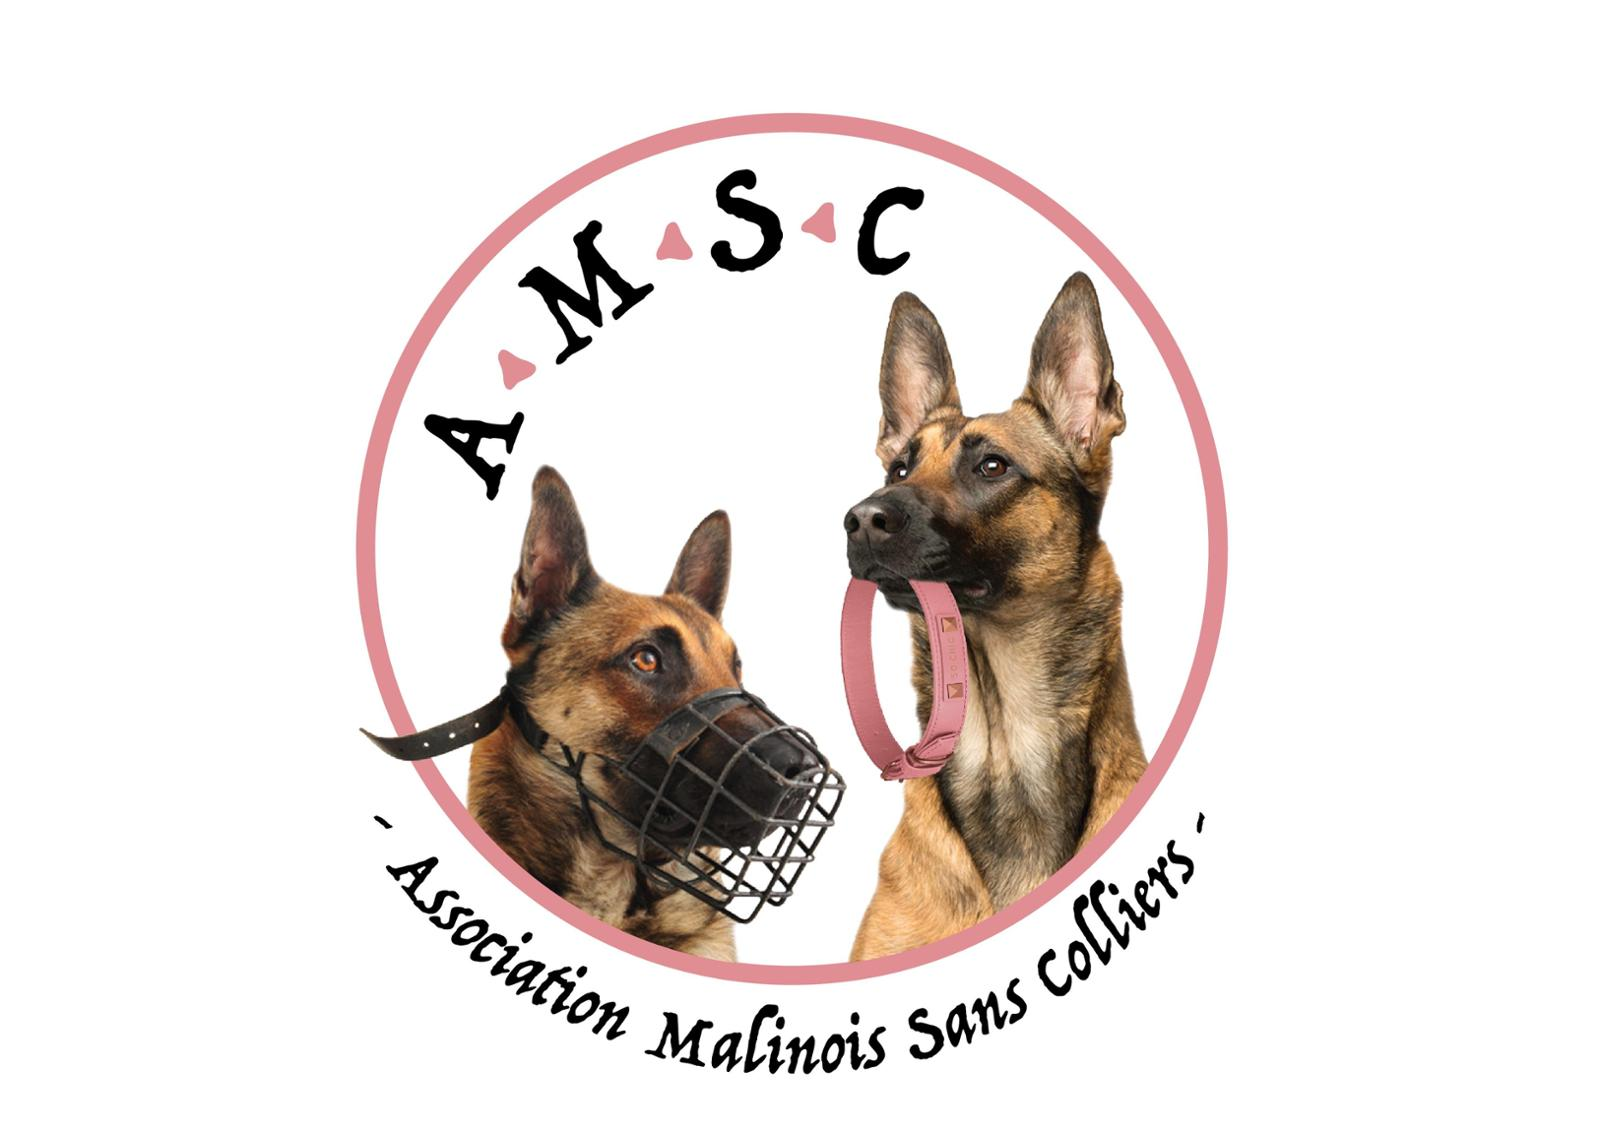 Association Malinois Sans Colliers - A.M.S.C